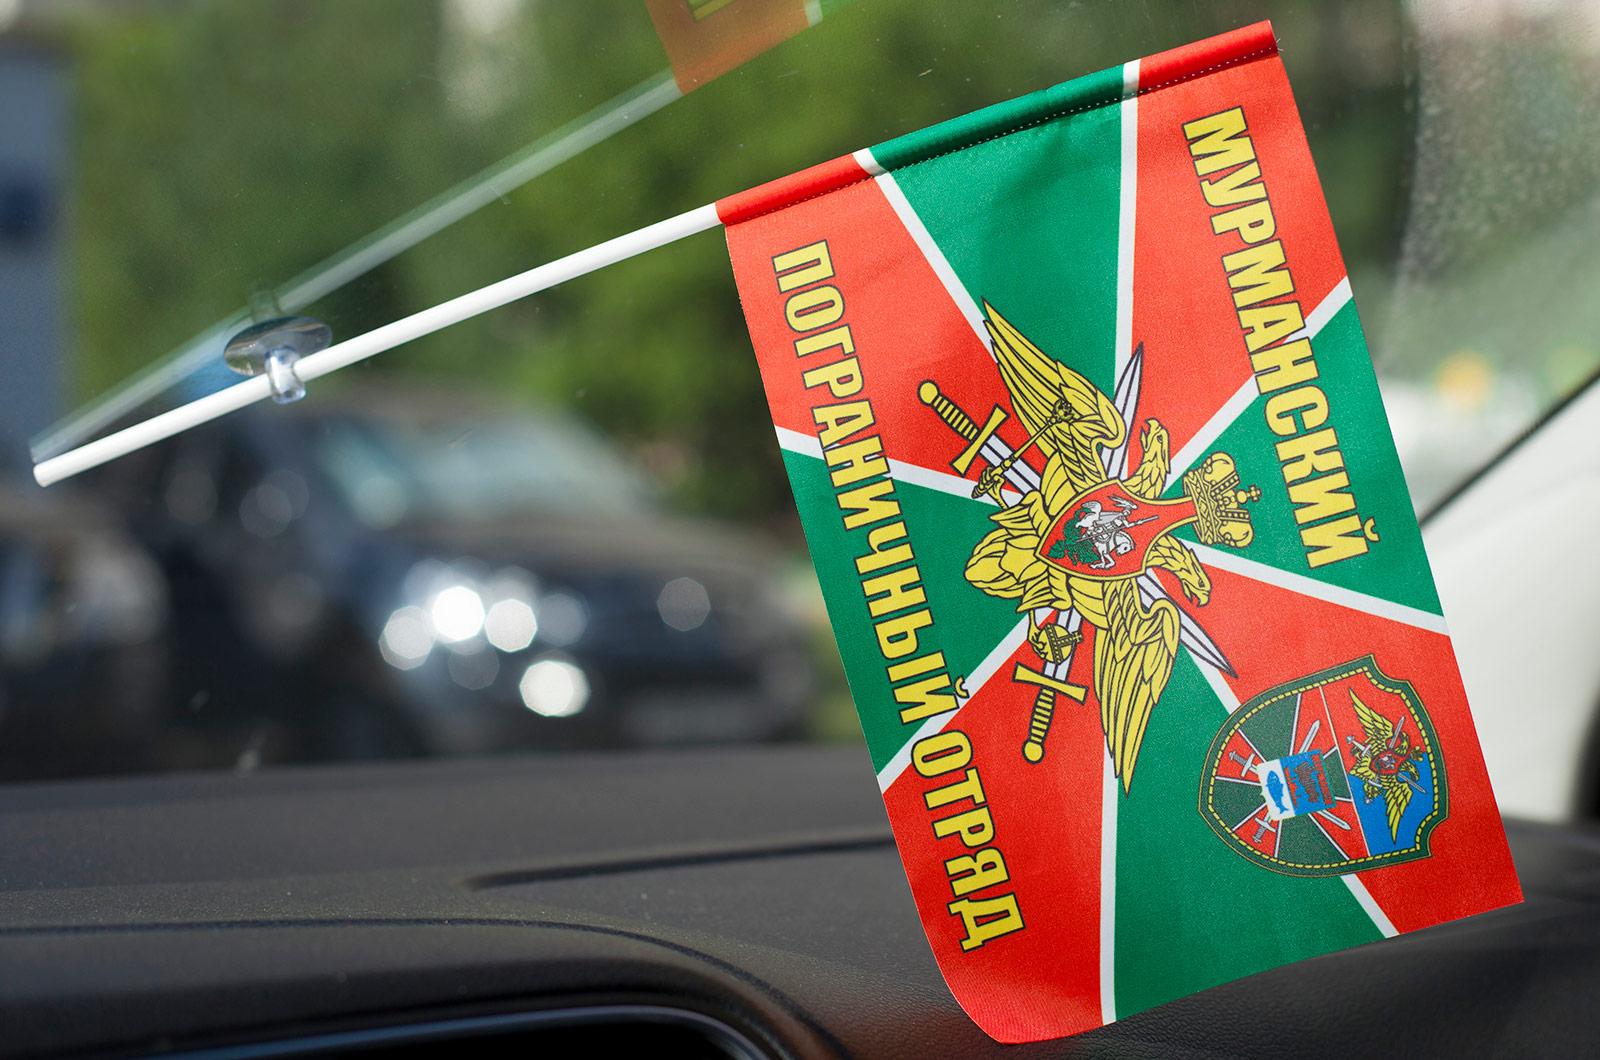 Флажок в машину «Мурманский пограничный отряд»